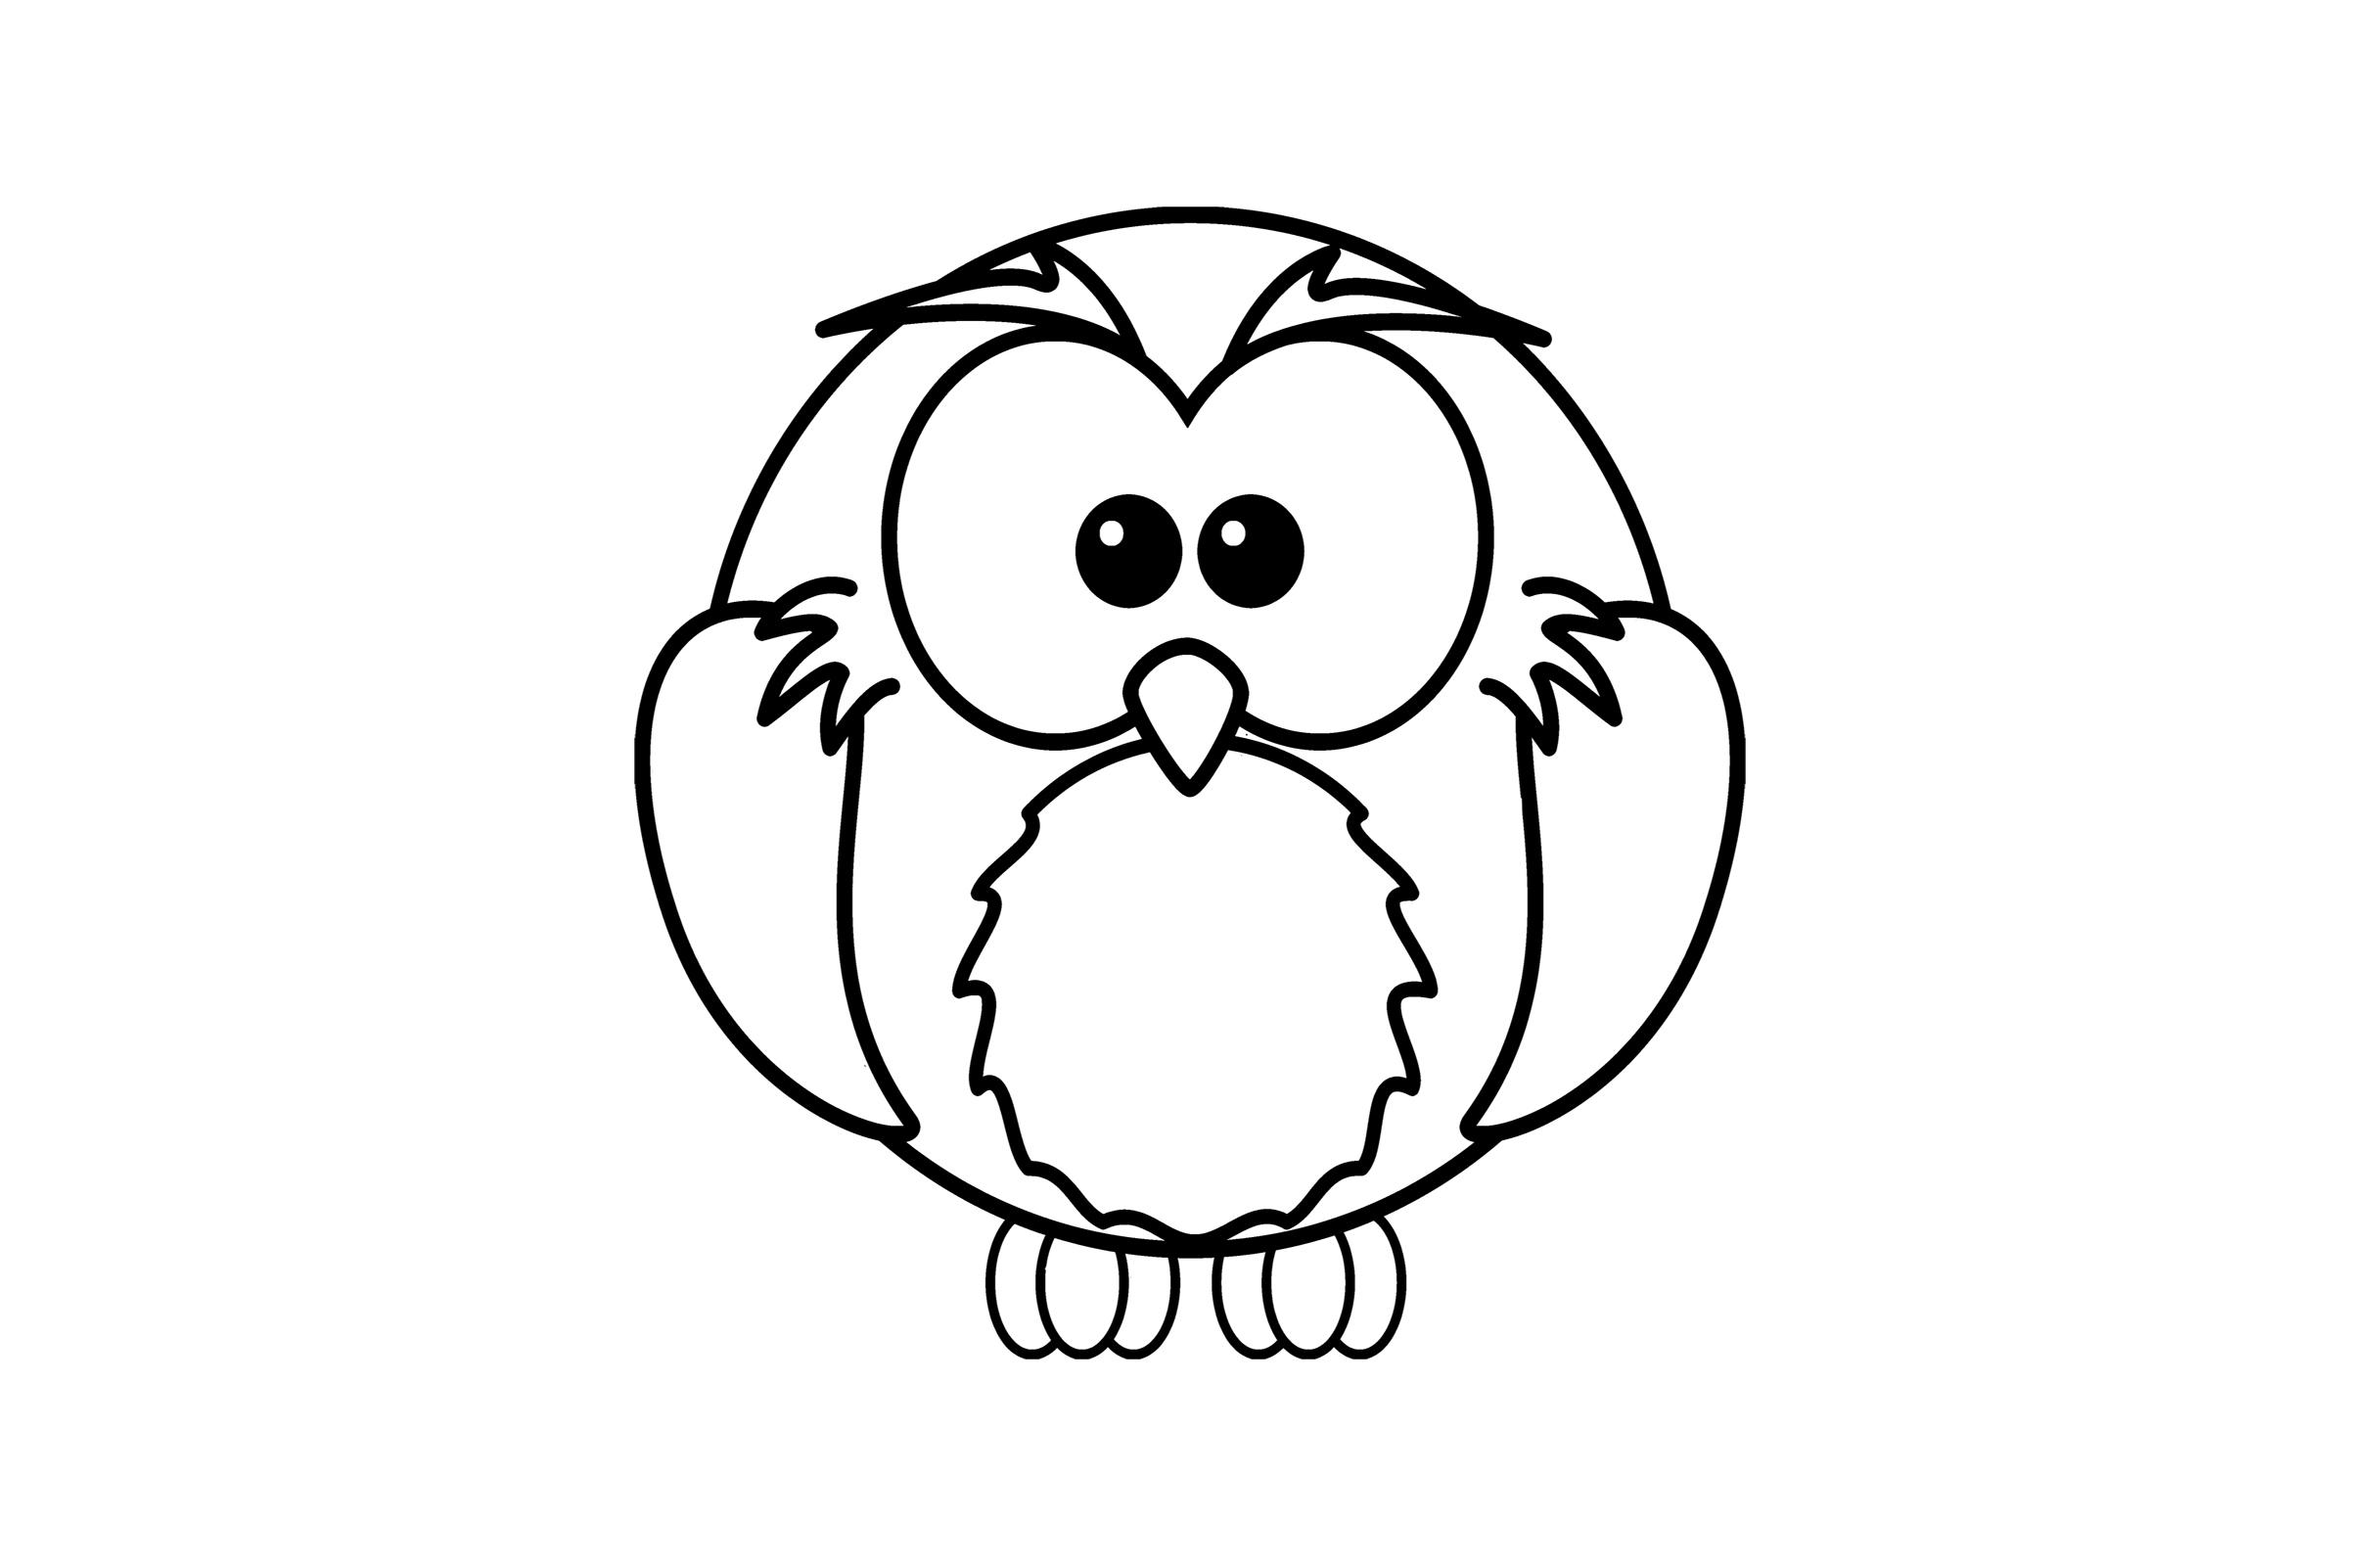 Eule Malvorlage - kinderbilderdownload kinderbilder